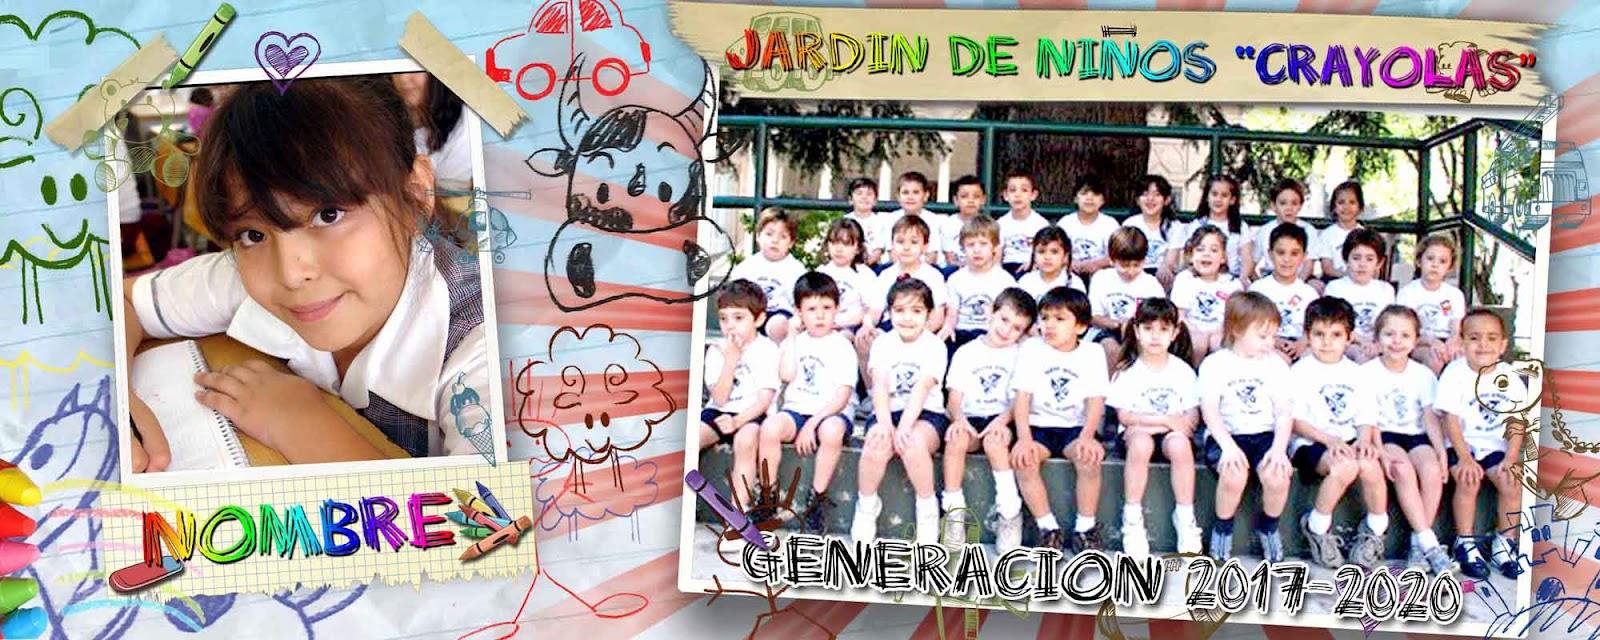 Mascarilla Para Graduaci  N De Kinder  Medida 8x20 Y Resolucion De